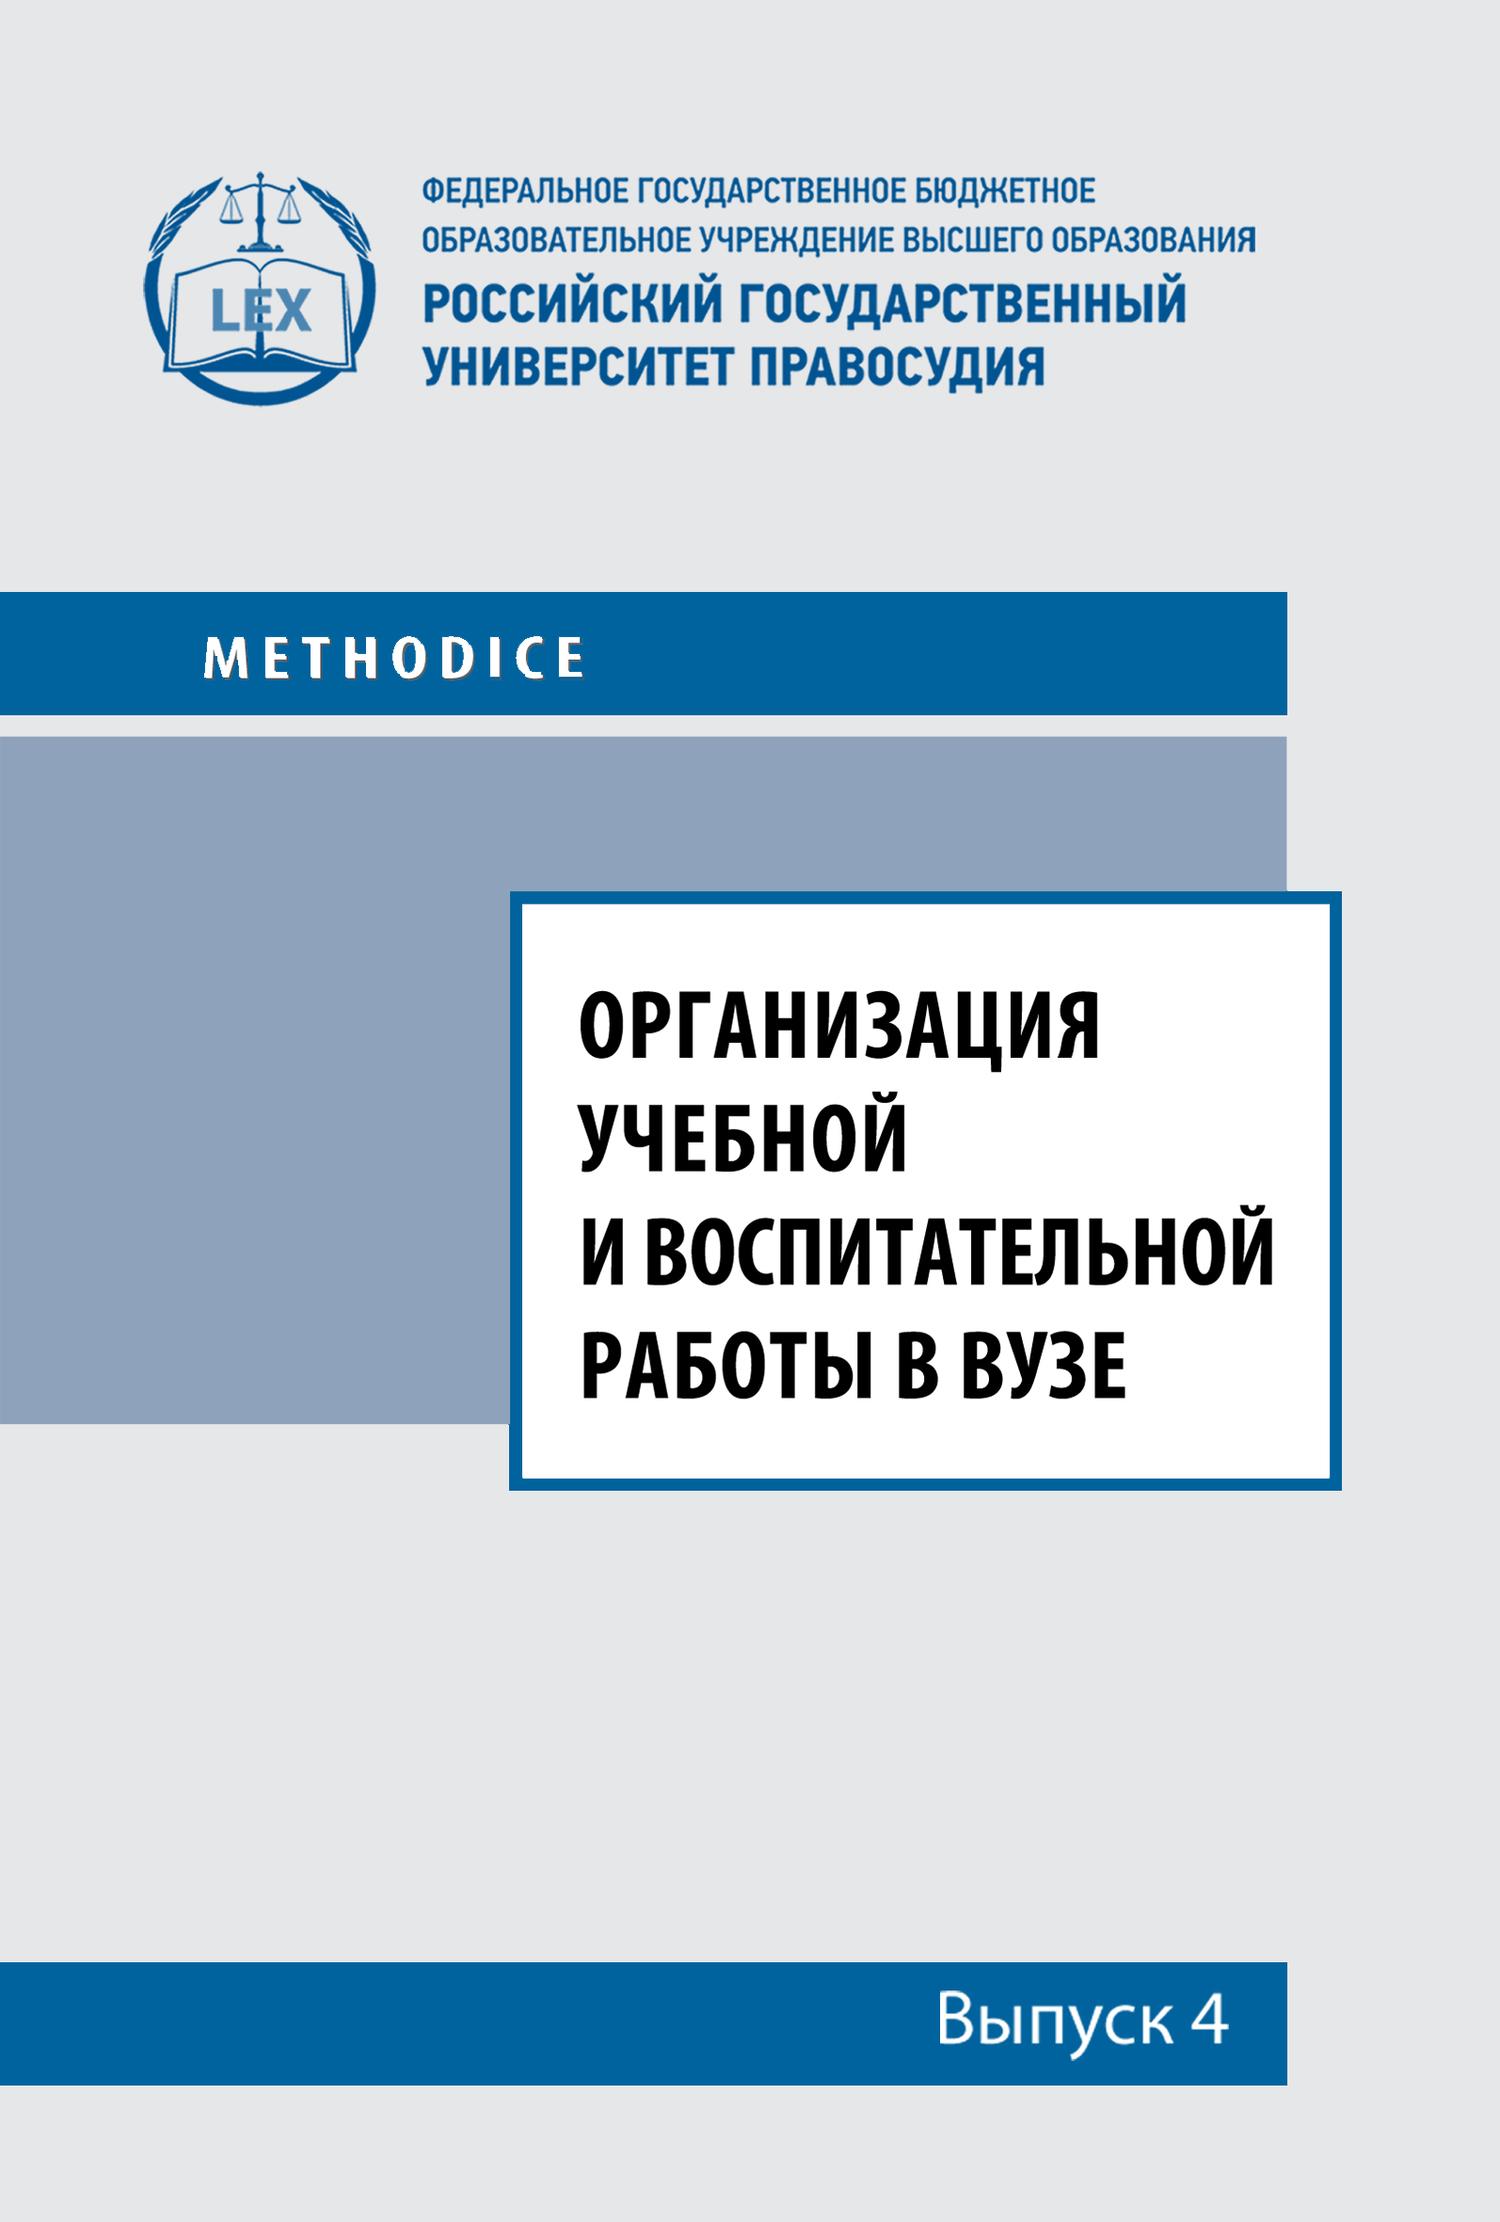 Организация учебной и воспитательной работы в вузе. Выпуск 4